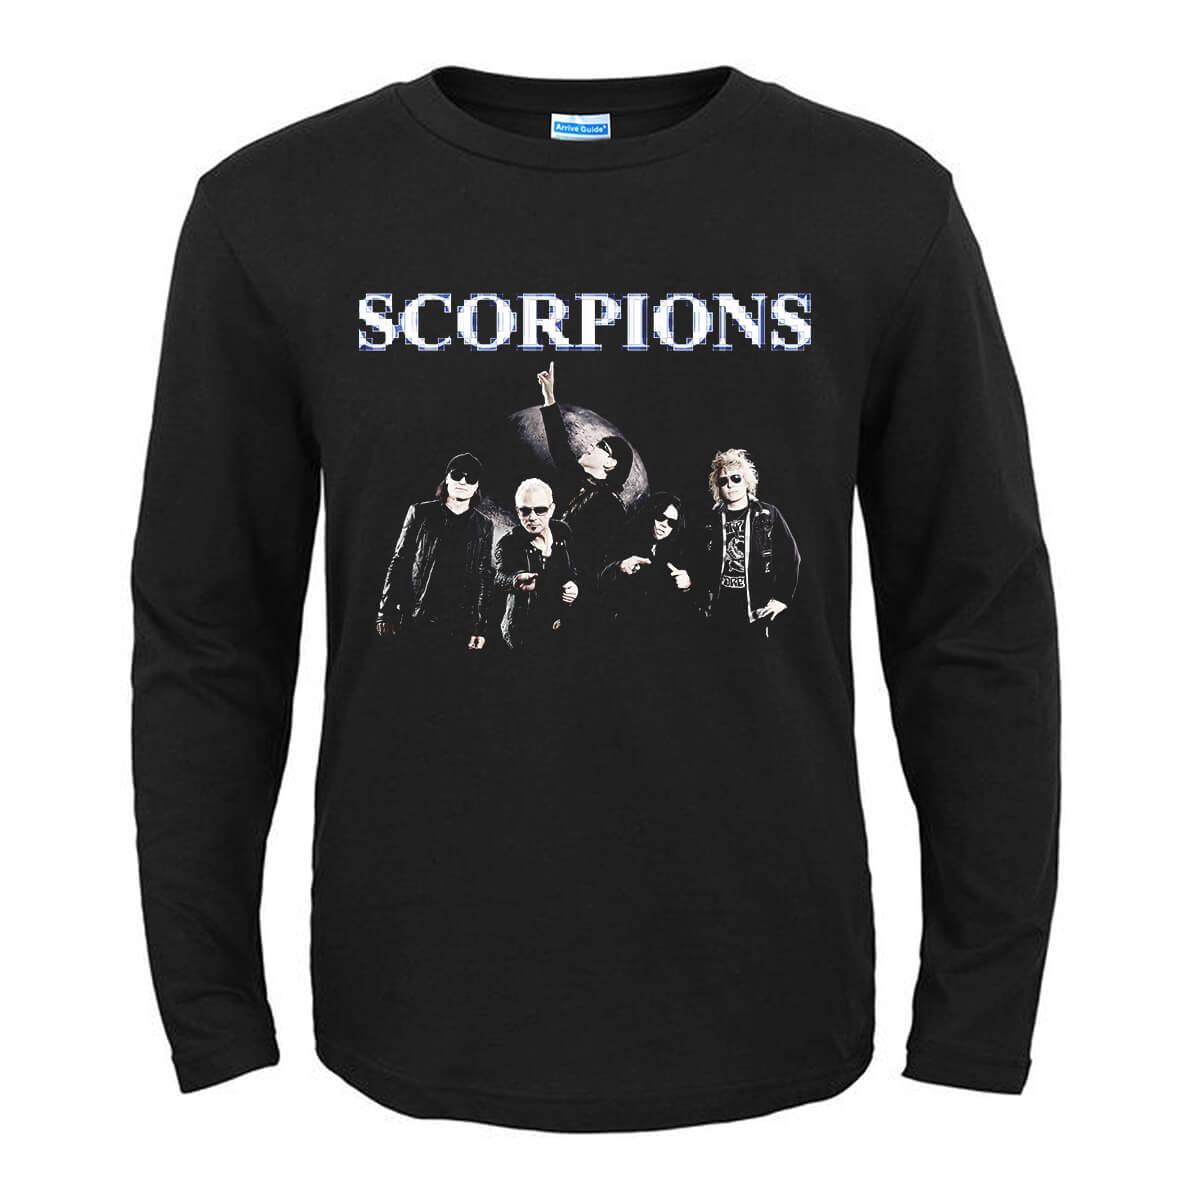 ドイツメタルロックバンドティースコーピオンズムーン壁紙tシャツ